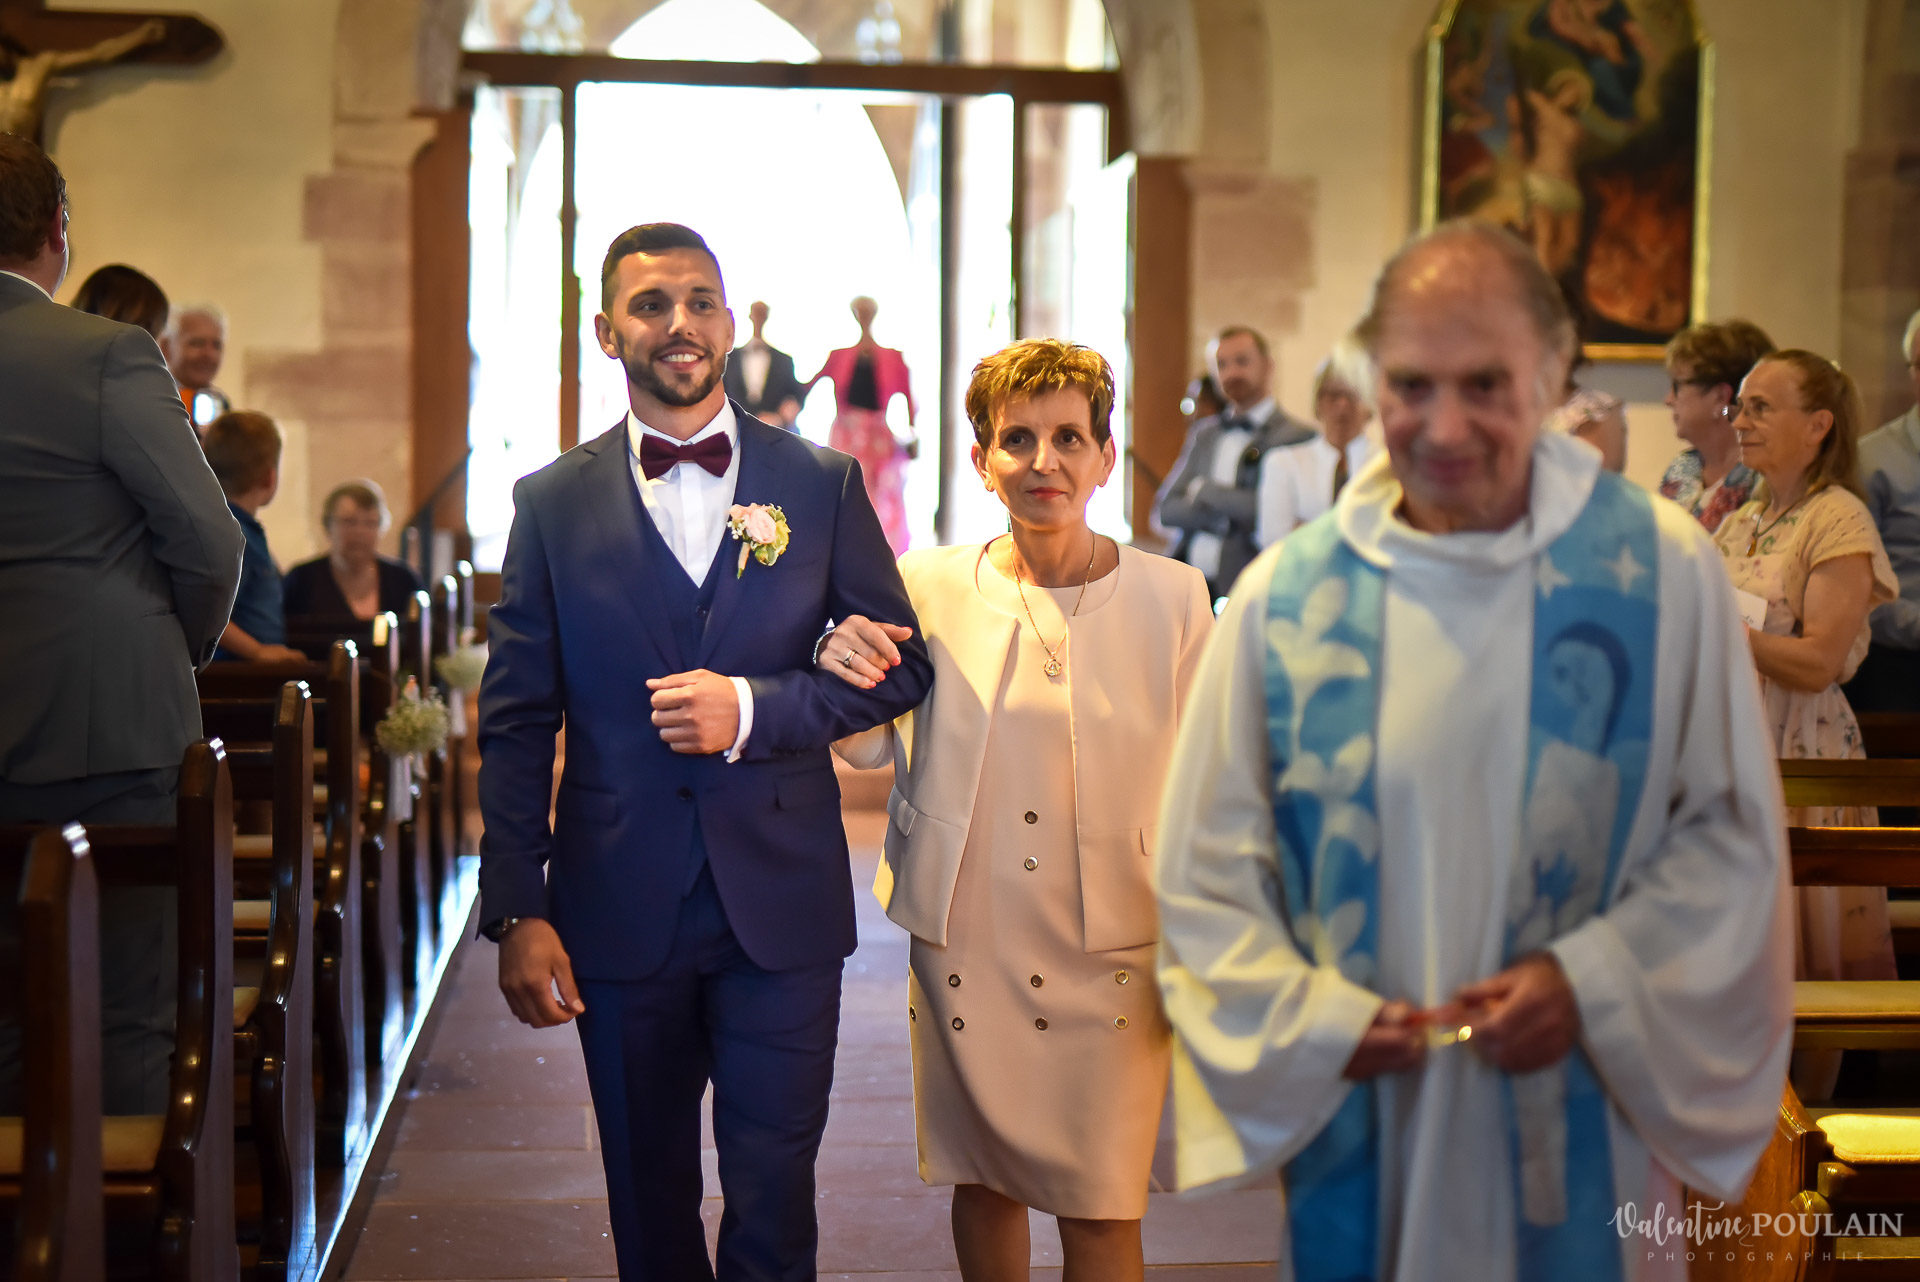 Mariage fun Petit Wettolsheim - Valentine Poulain entrée église